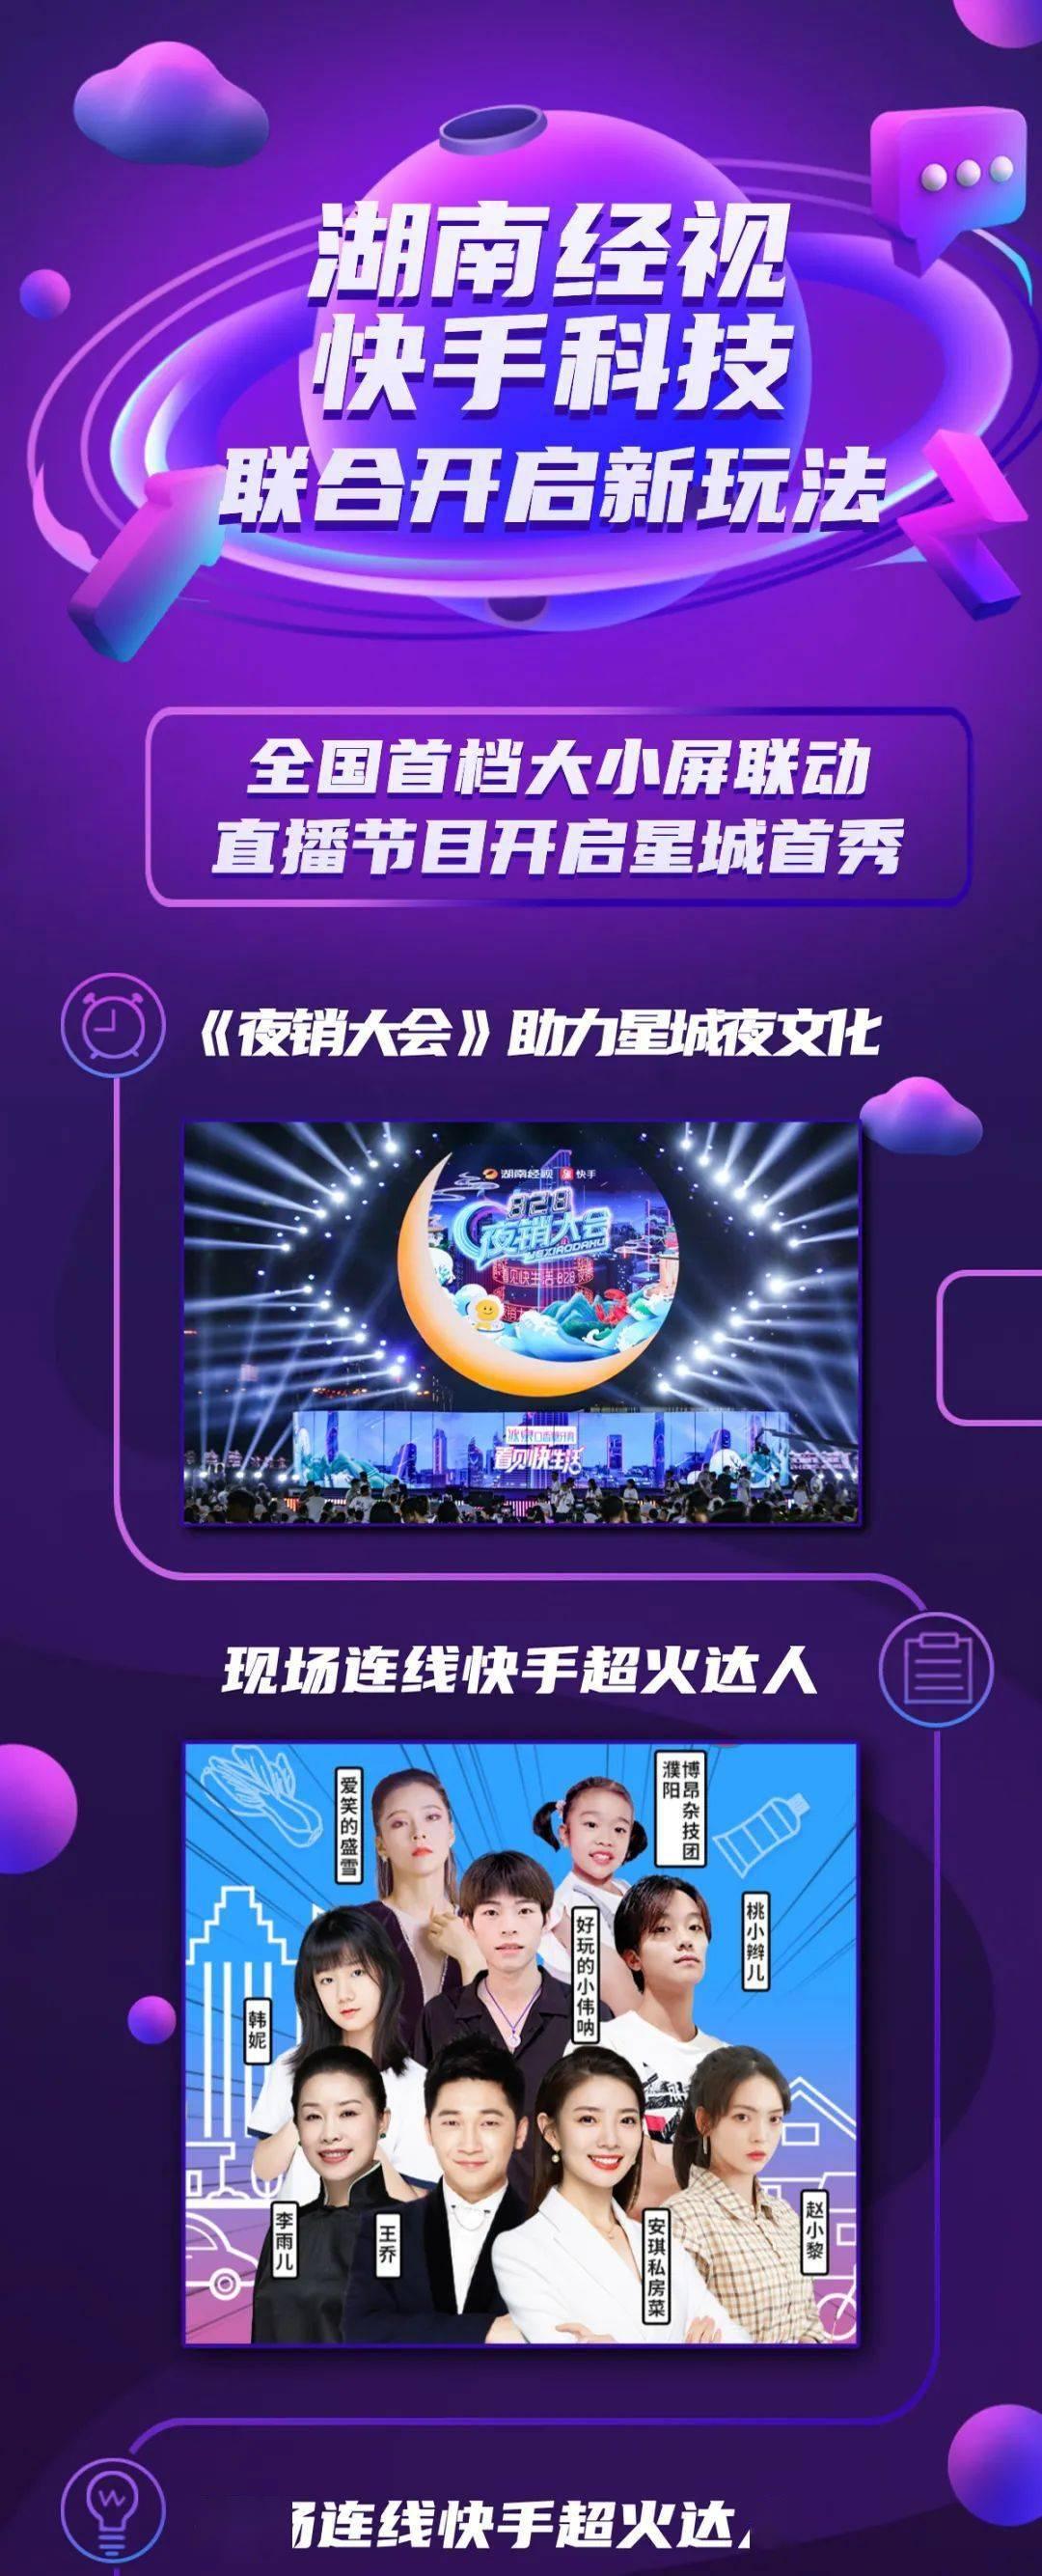 会玩!快手联合湖南经视推出新节目,开启直播新玩法